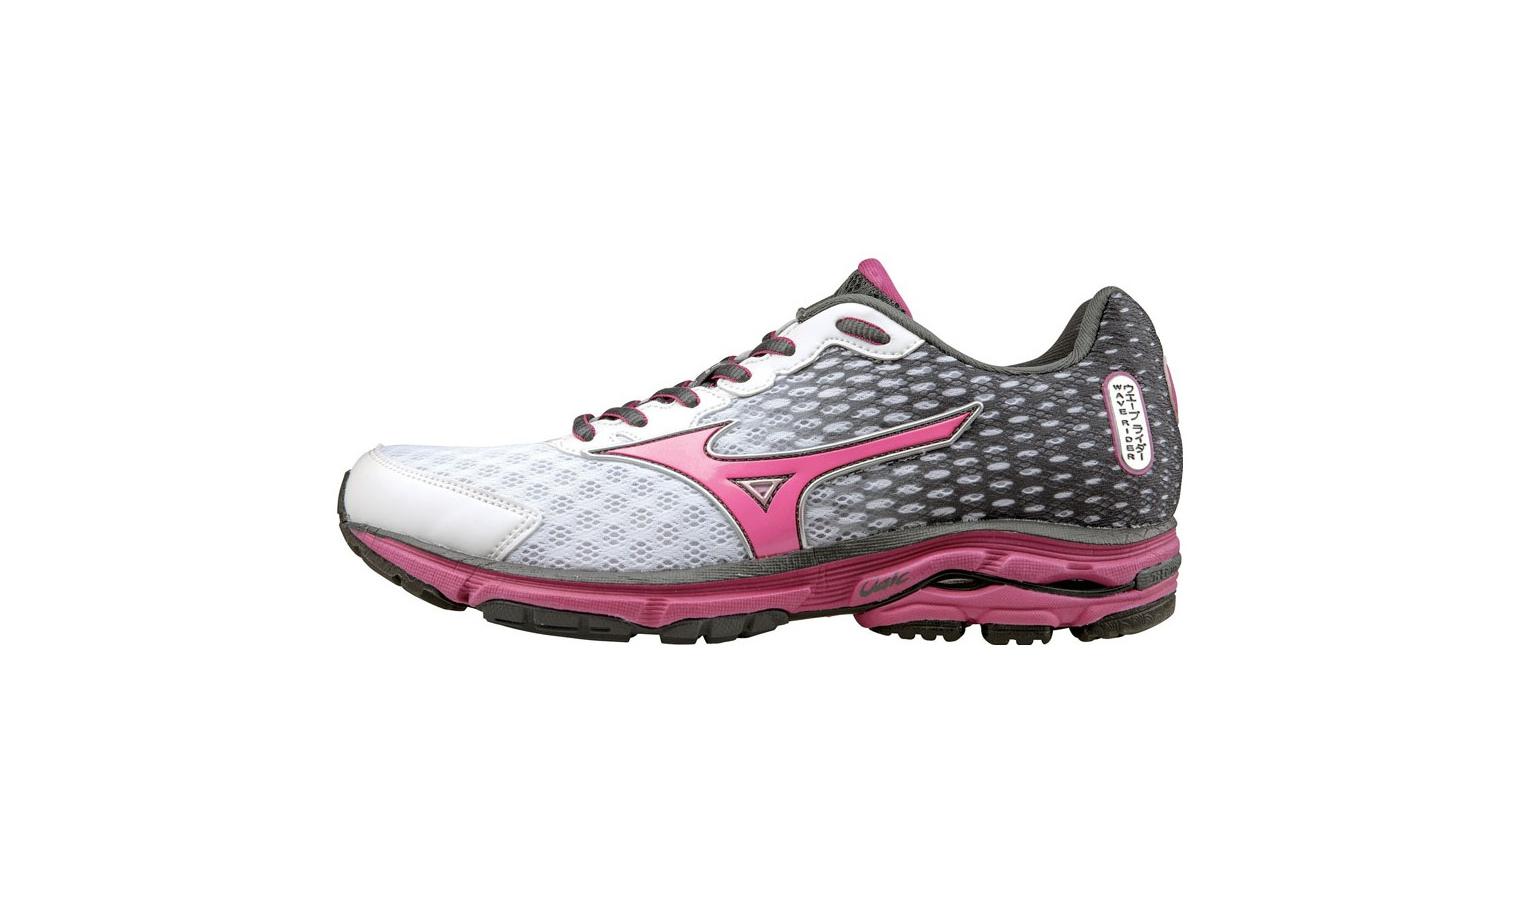 ... Dámské běžecké boty Mizuno WAVE RIDER 18 šedé   růžové. 0 Kč d95ff87a28